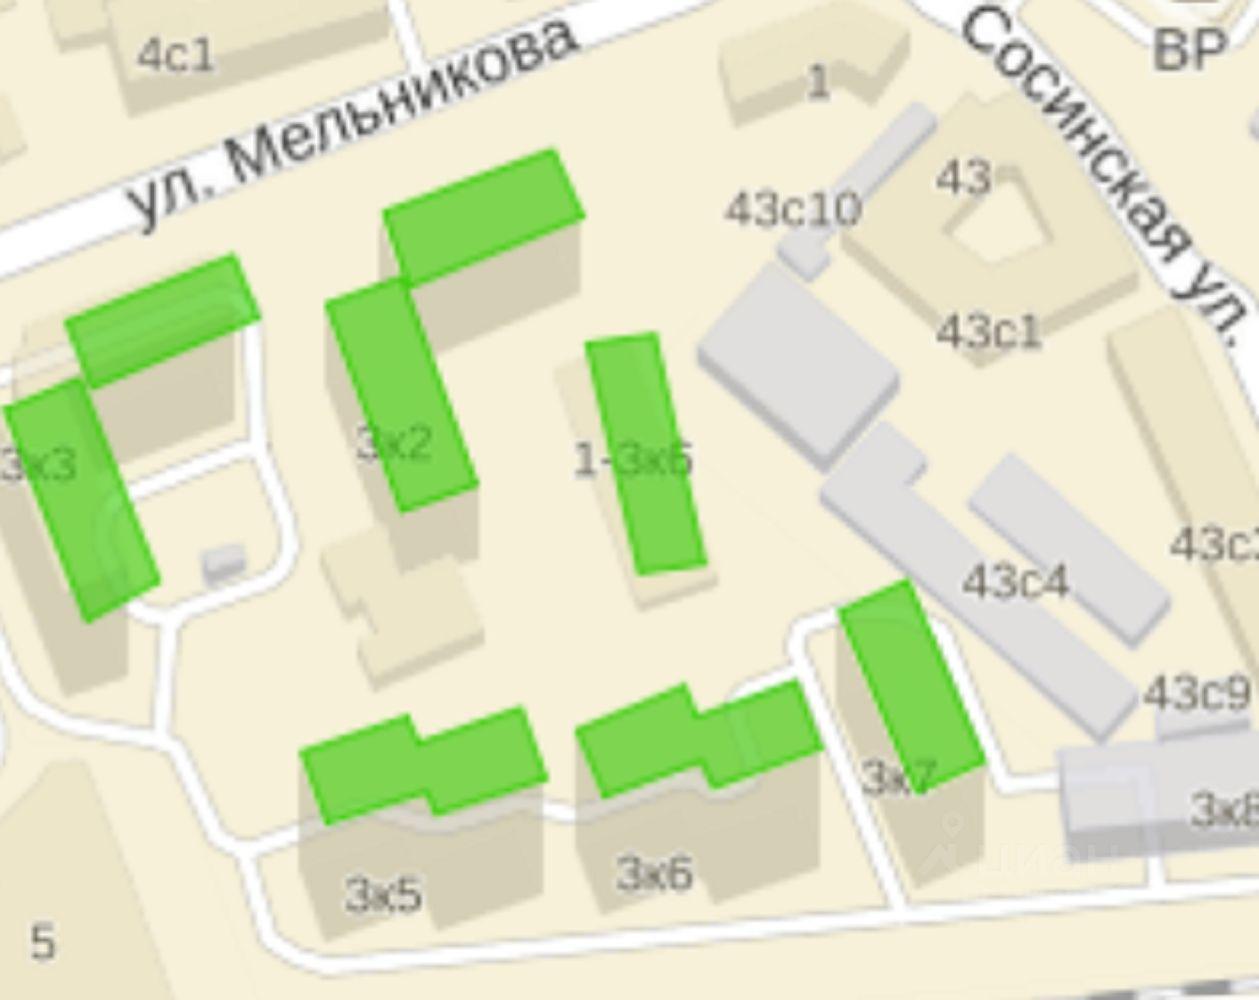 продам однокомнатную квартиру город Москва, метро Волгоградский проспект, улица Мельникова, д. 3к7